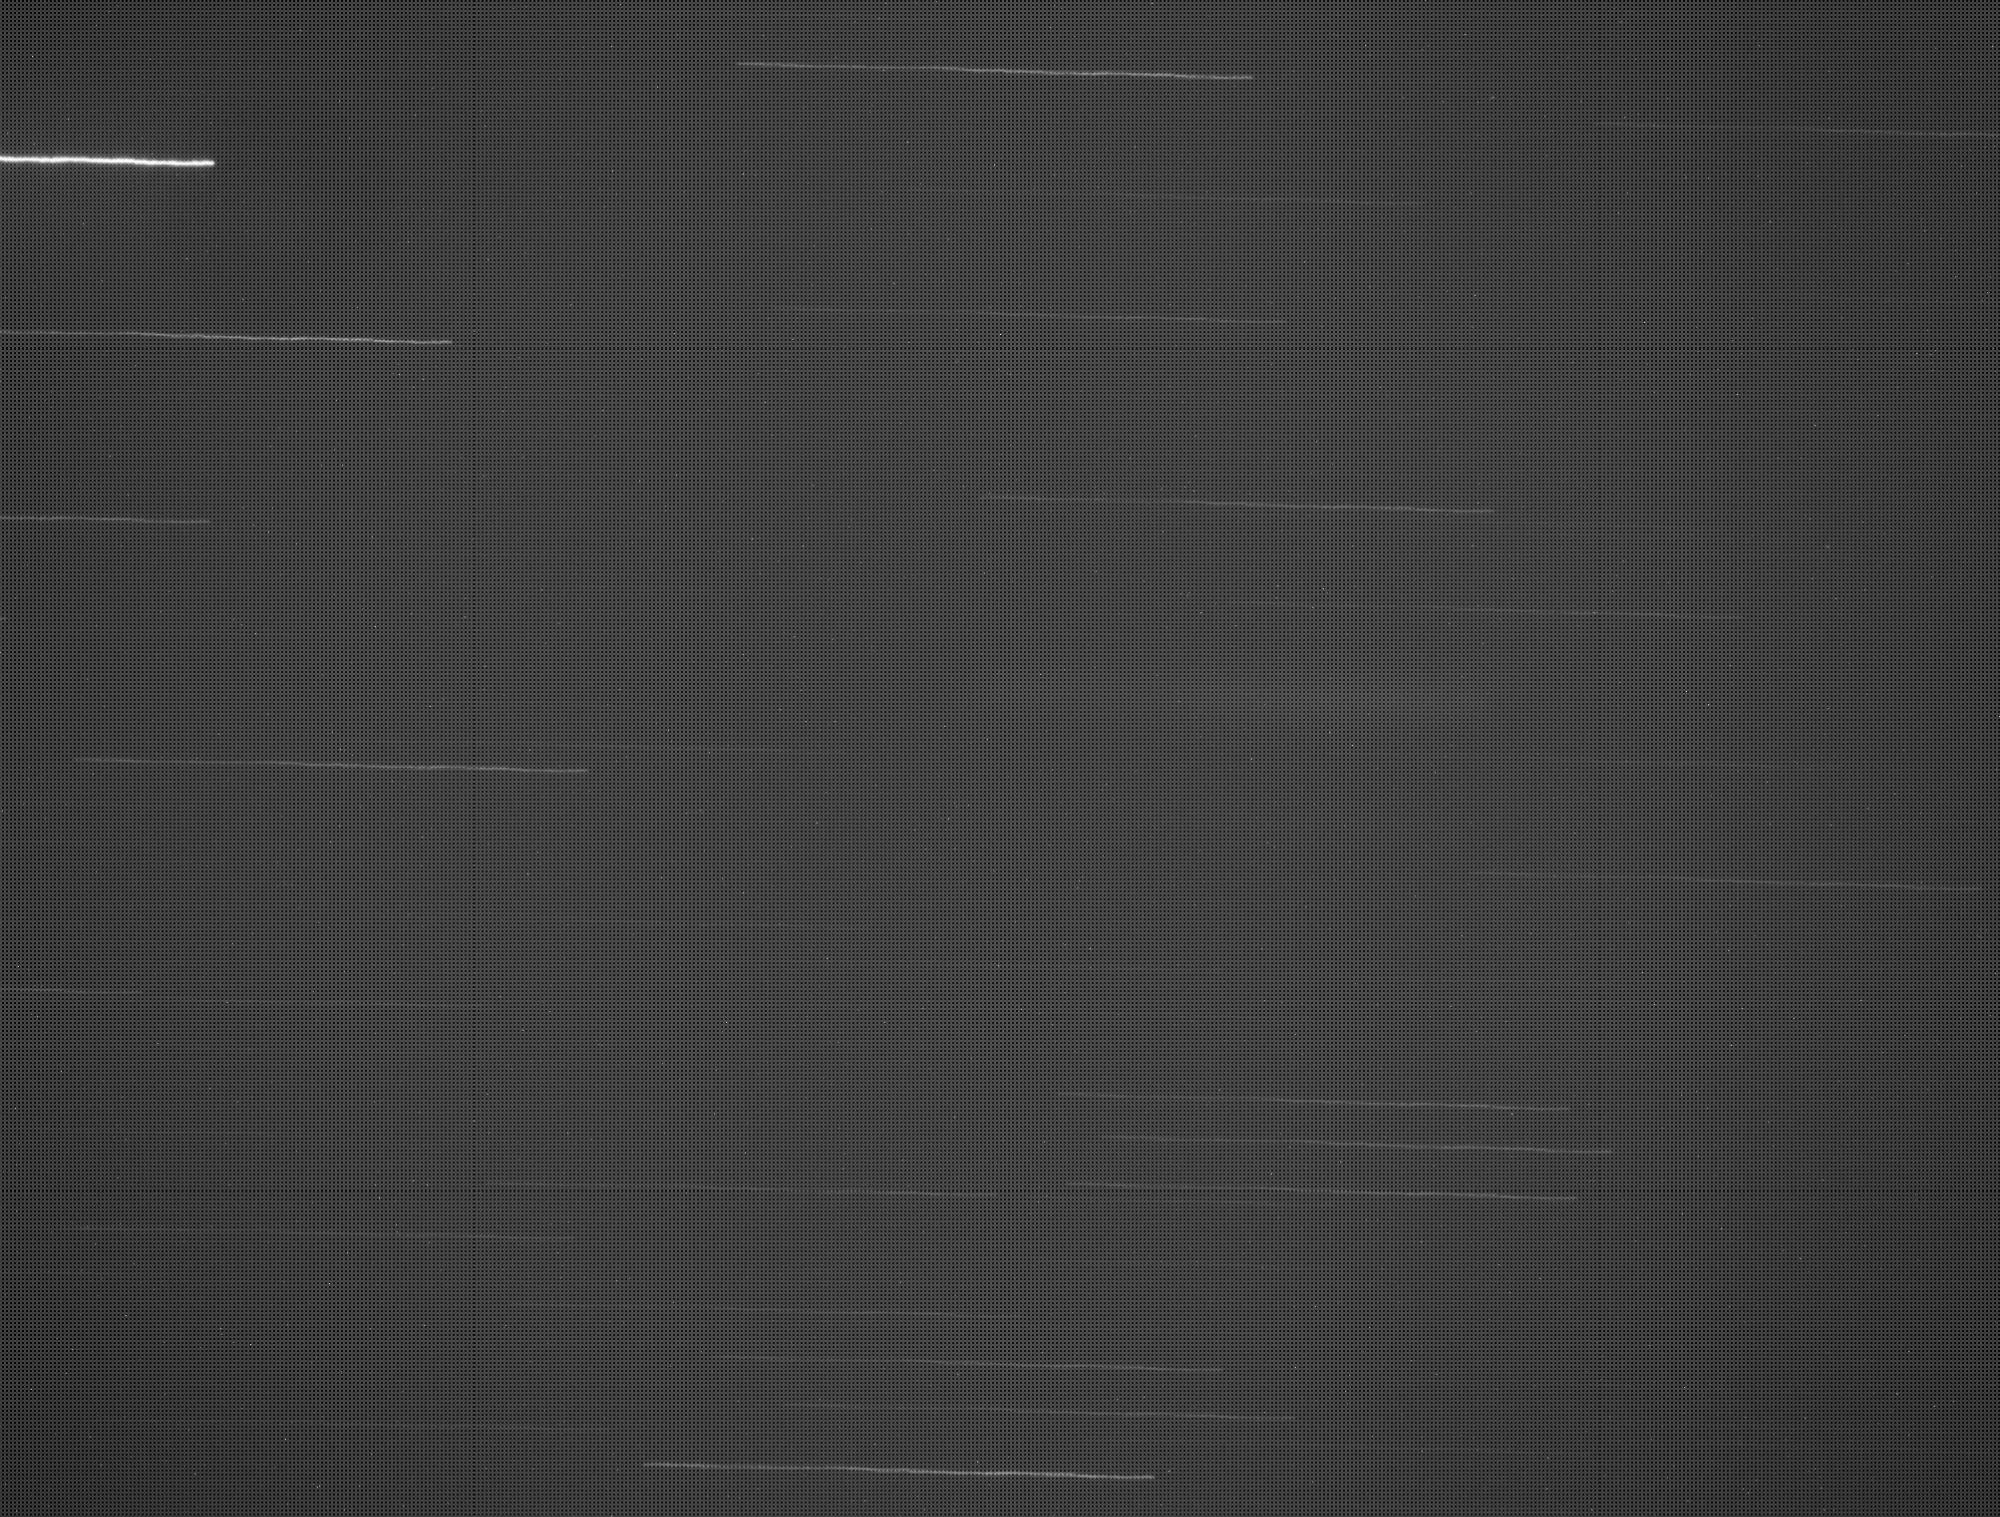 Bildschirmfoto2019-04-02um07.36.34.png